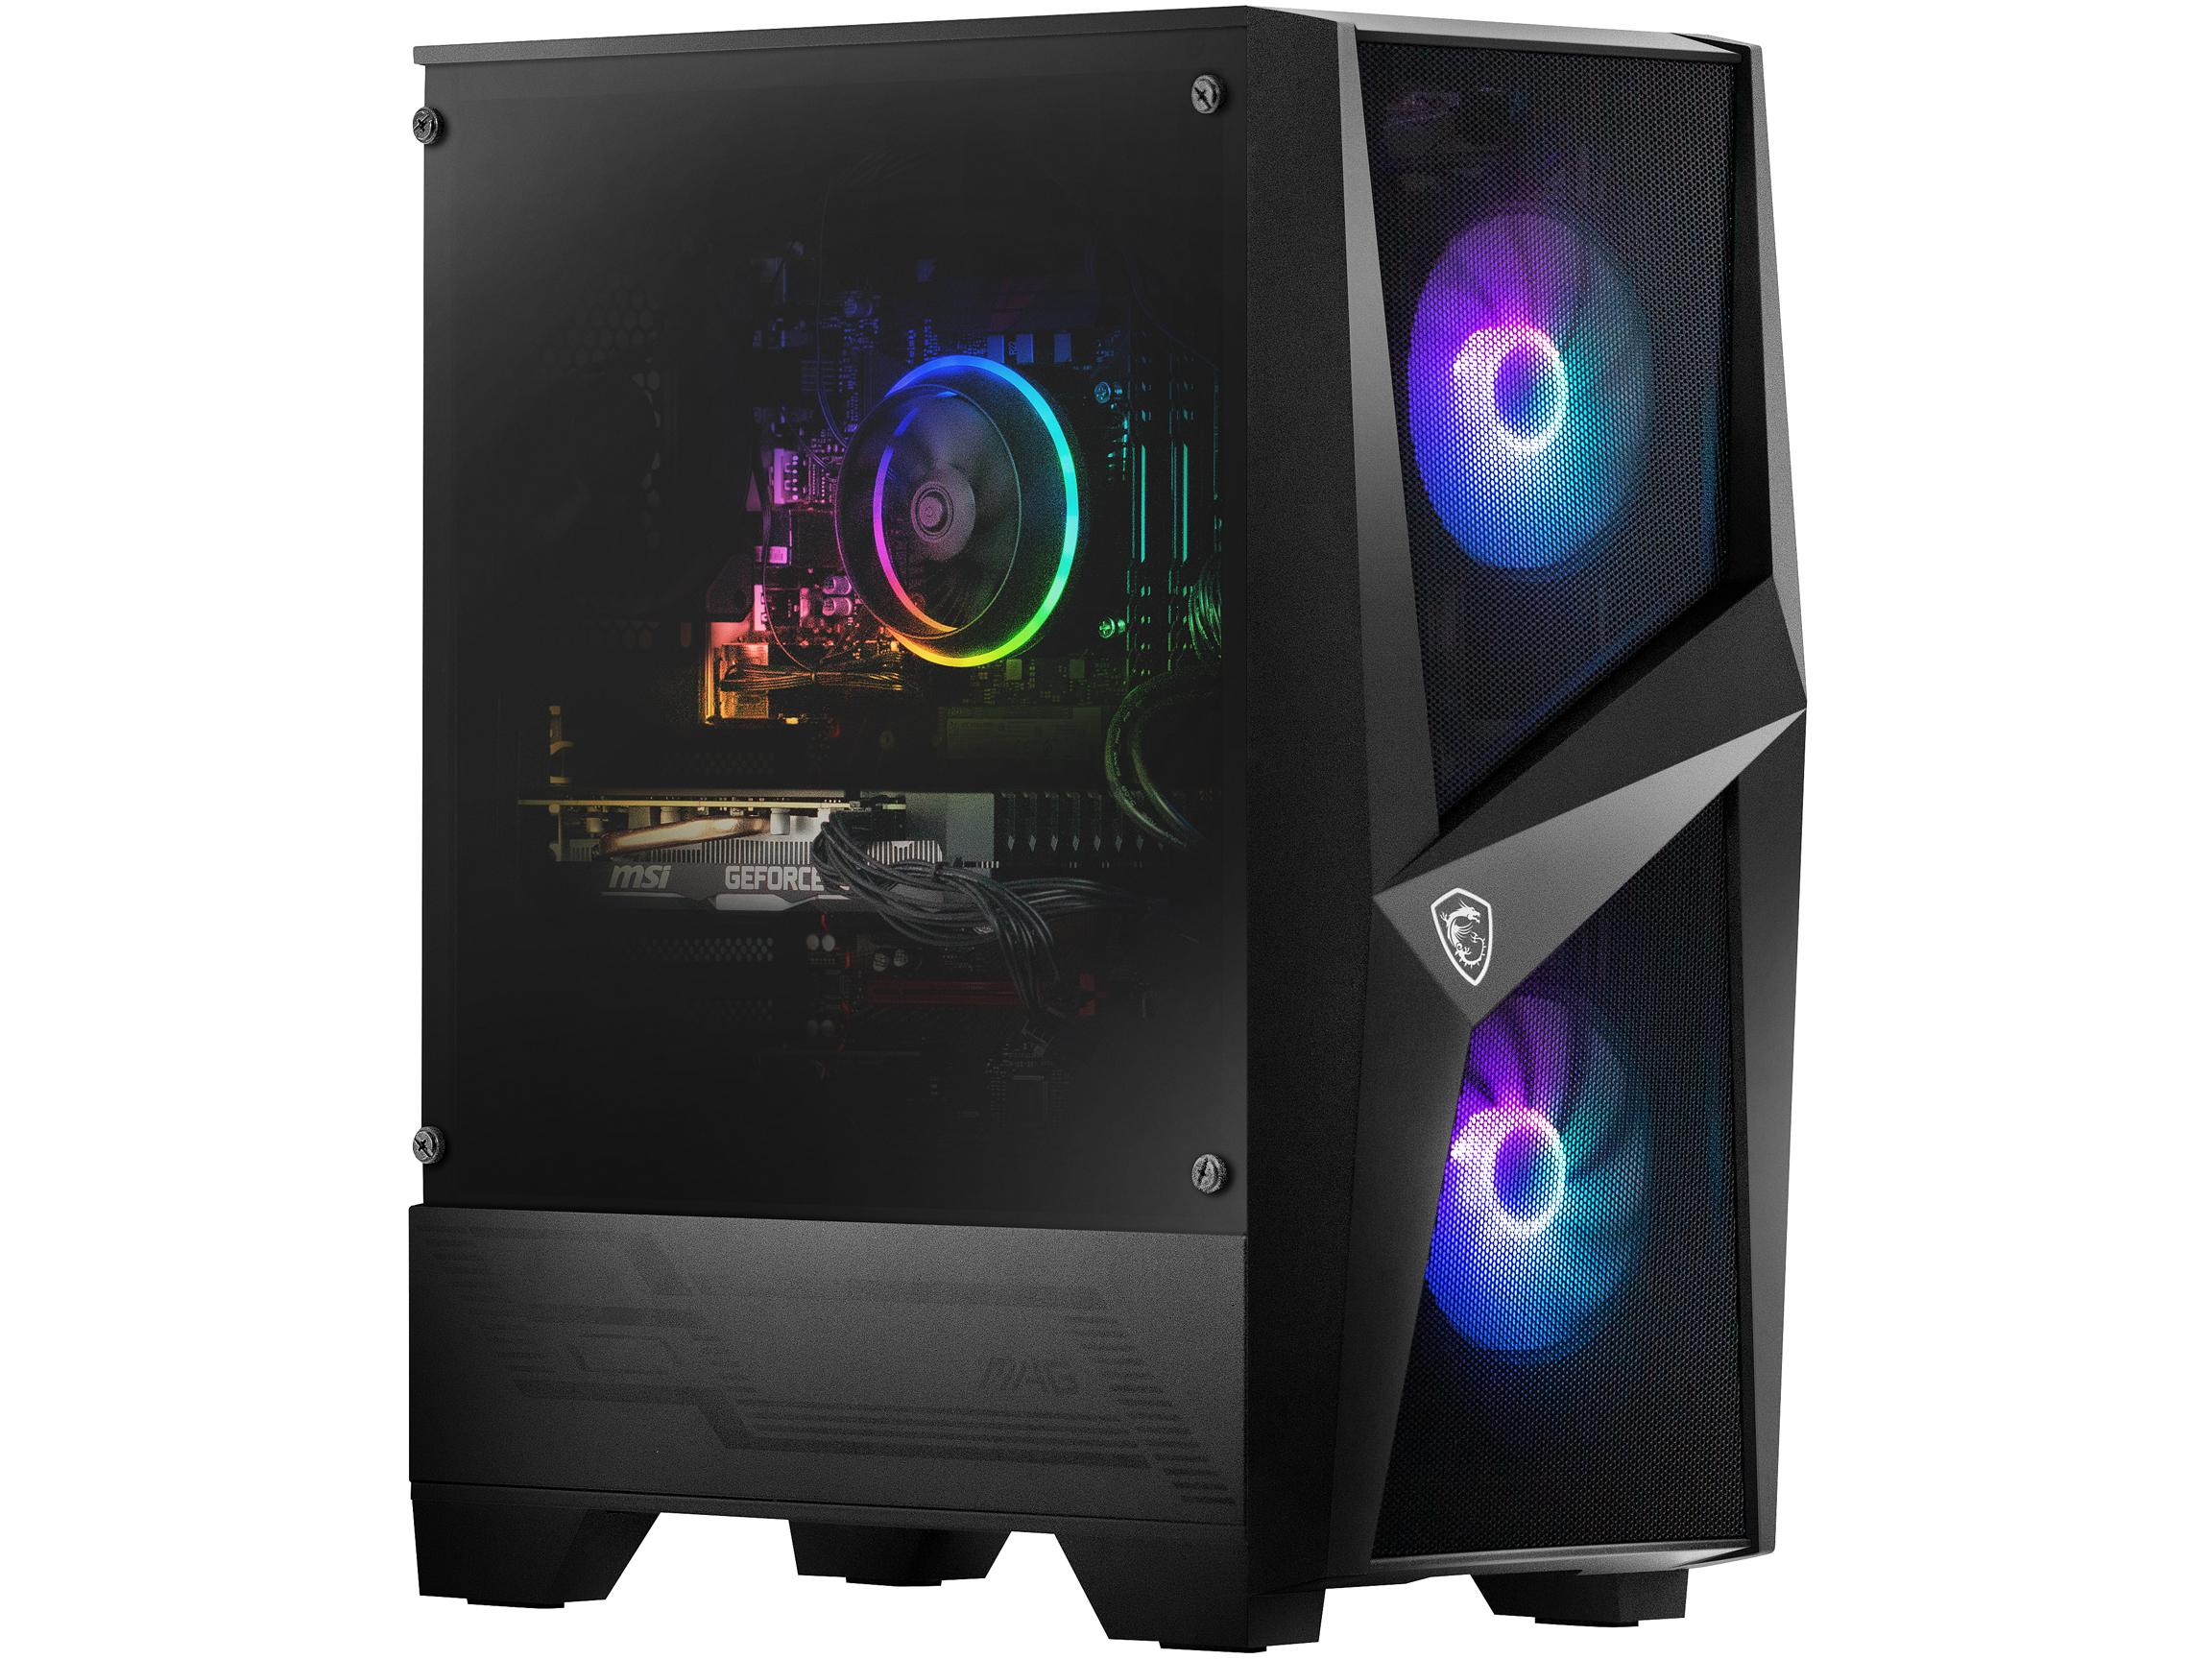 MSI Codex R Intel Core i5-10400F NVIDIA GeForce RTX 2060 16GB DDR4 512GB SSD Win 10 Home Gaming Desktop, 10SC-004CA